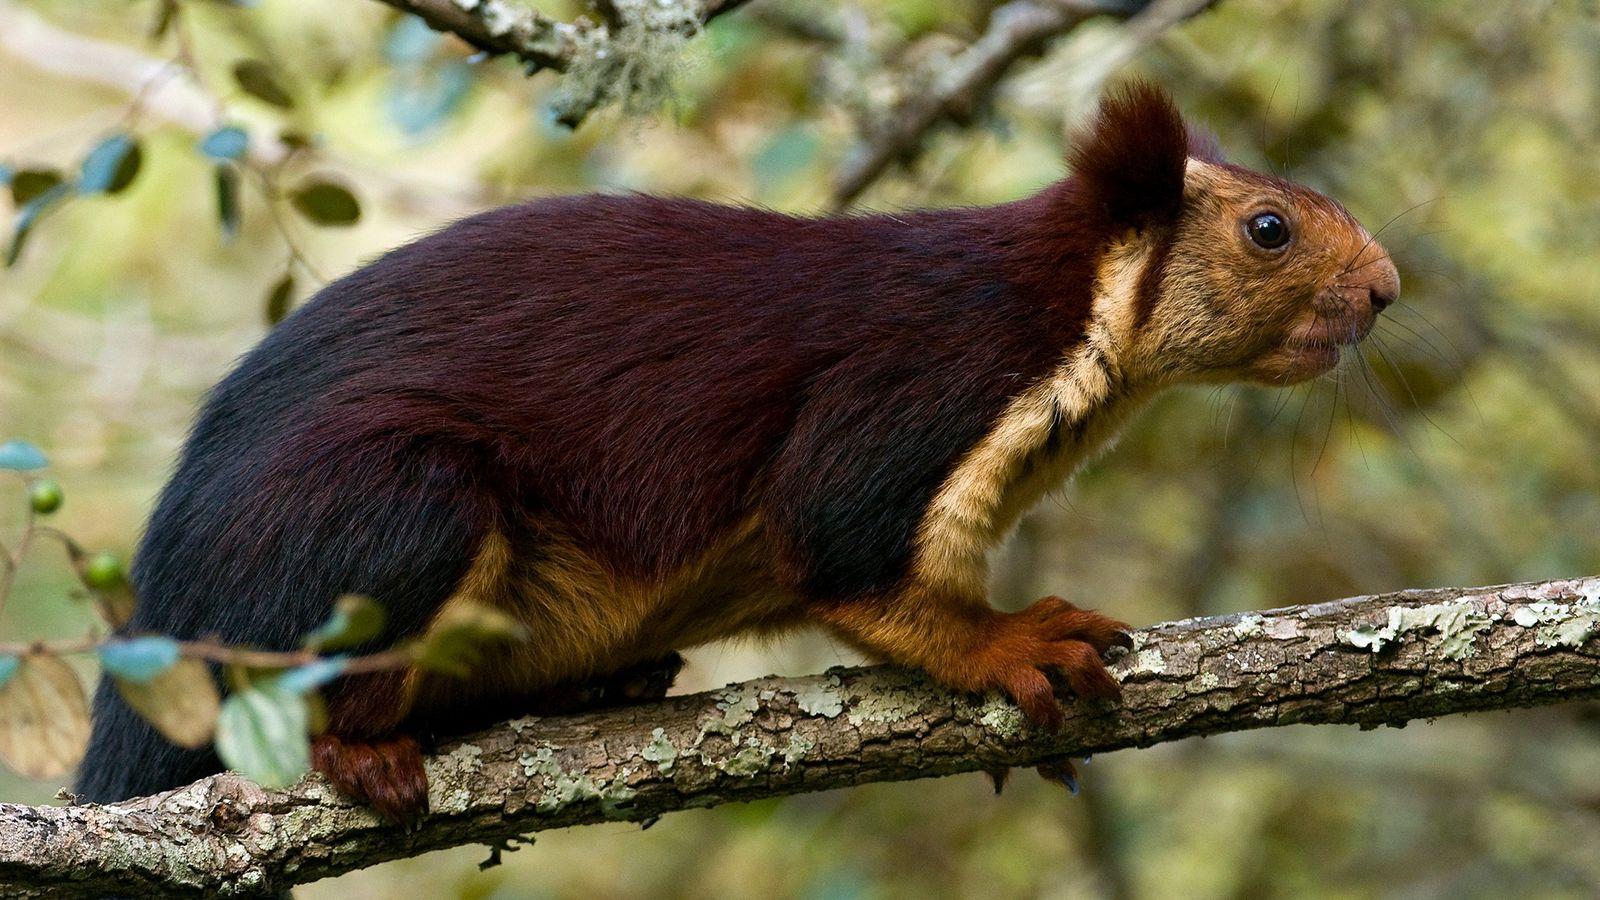 O esquilo-gigante-indiano (na foto, animal de Karnataka, Índia), pode chegar a 45 centímetros de comprimento.